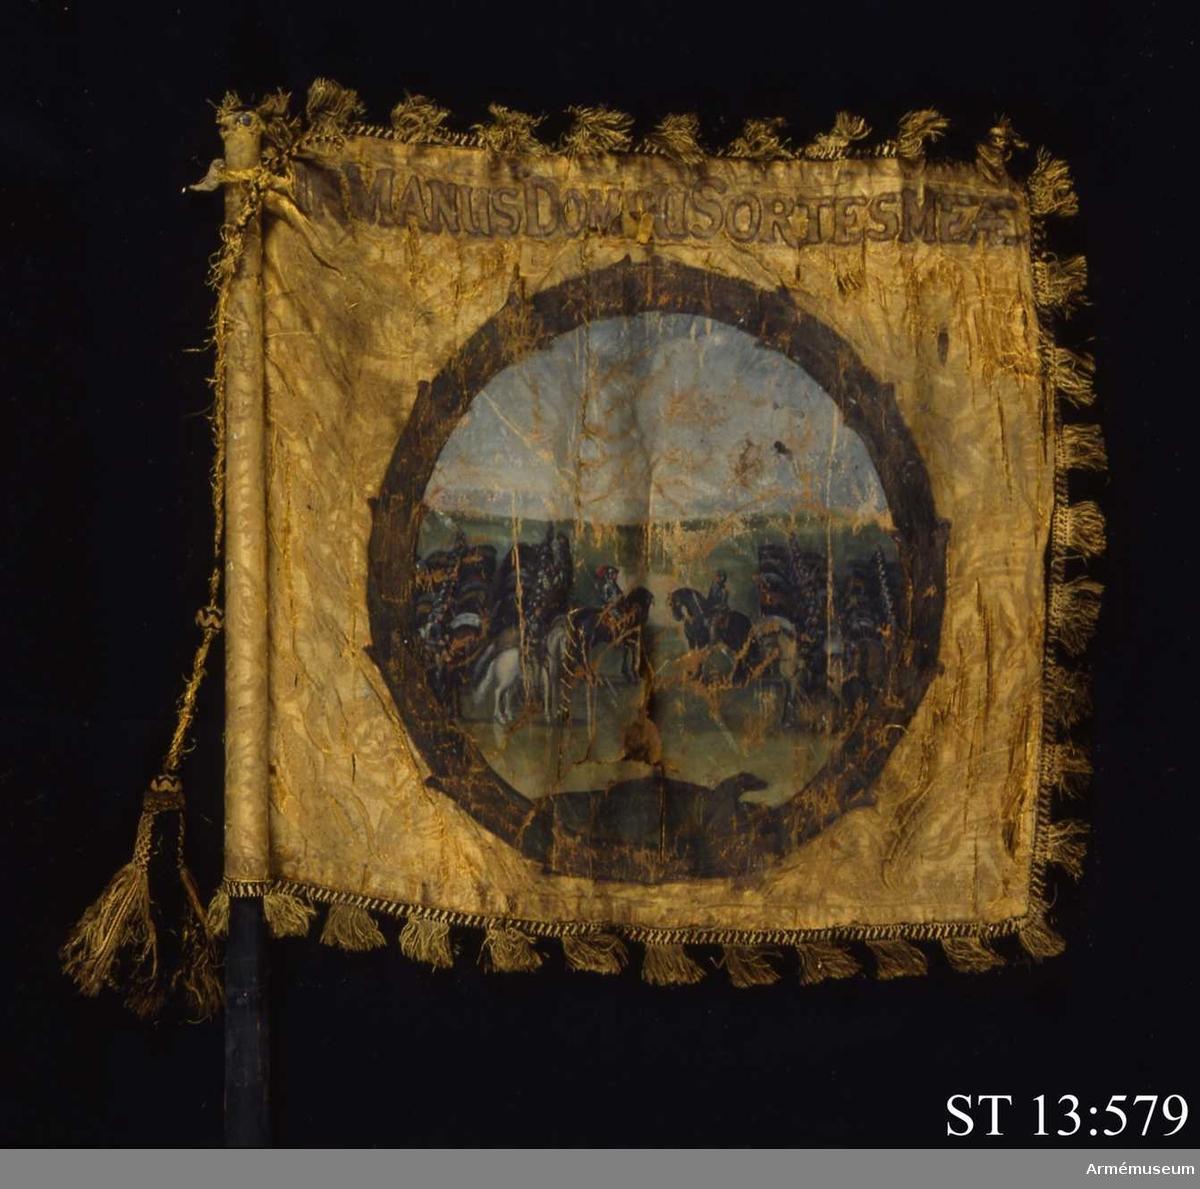 Inre sidan: En med palmkrans innesluten scen föreställande två mot varandra uppställda ryttarstyrkor. Yttre sidan: En med kejsarkrona krönt dubbelörn hållande svärd och spira.